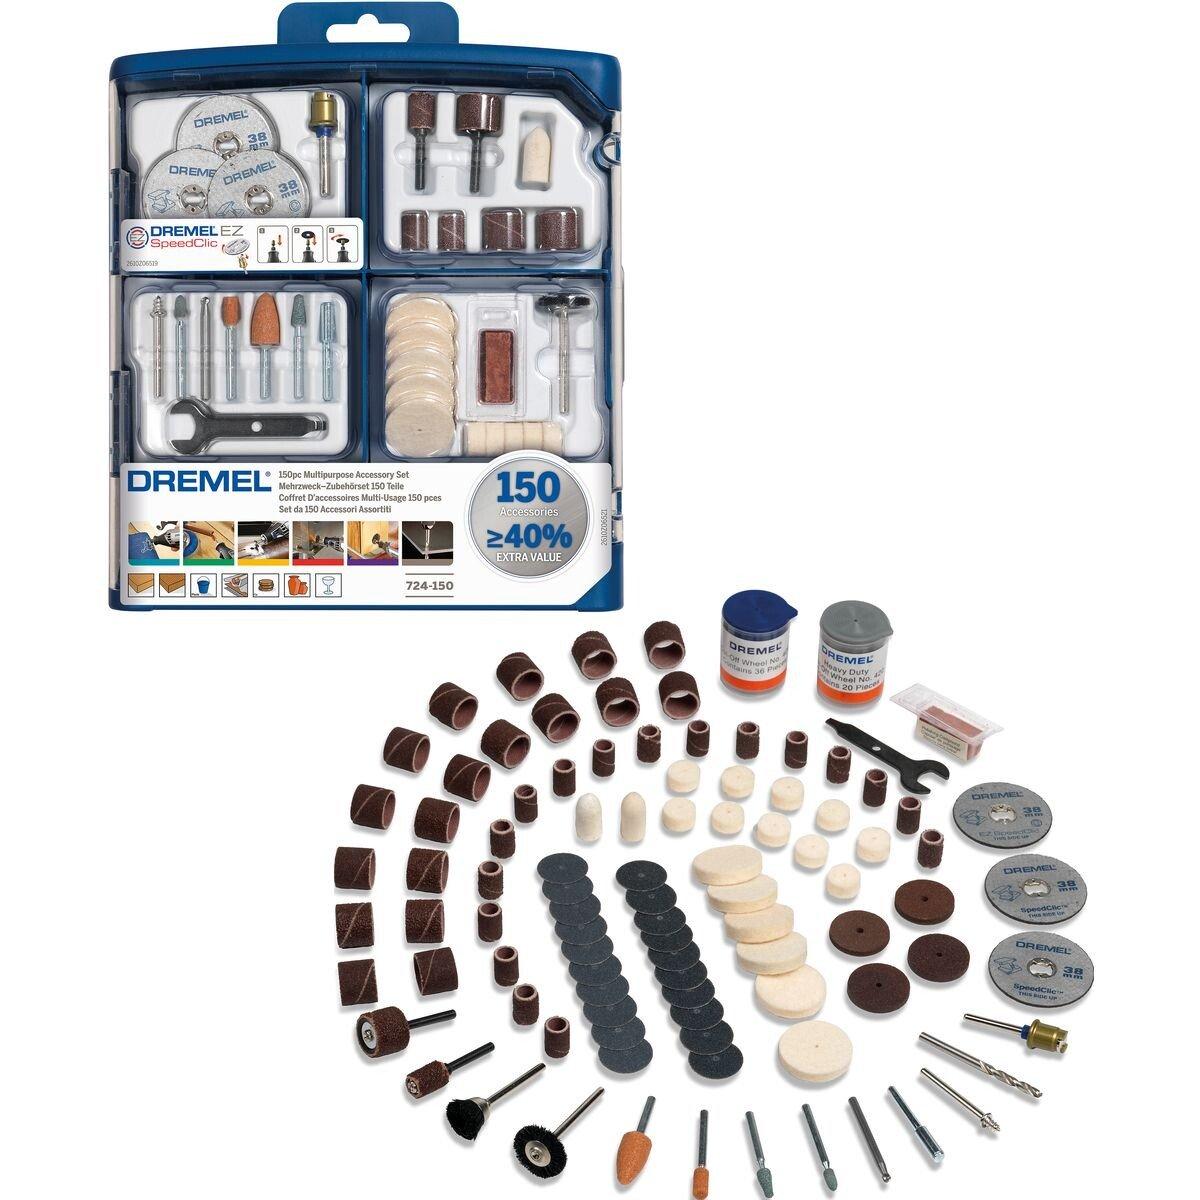 Dremel 2615S724JA 150 Piece Multipurpose Accessory Set